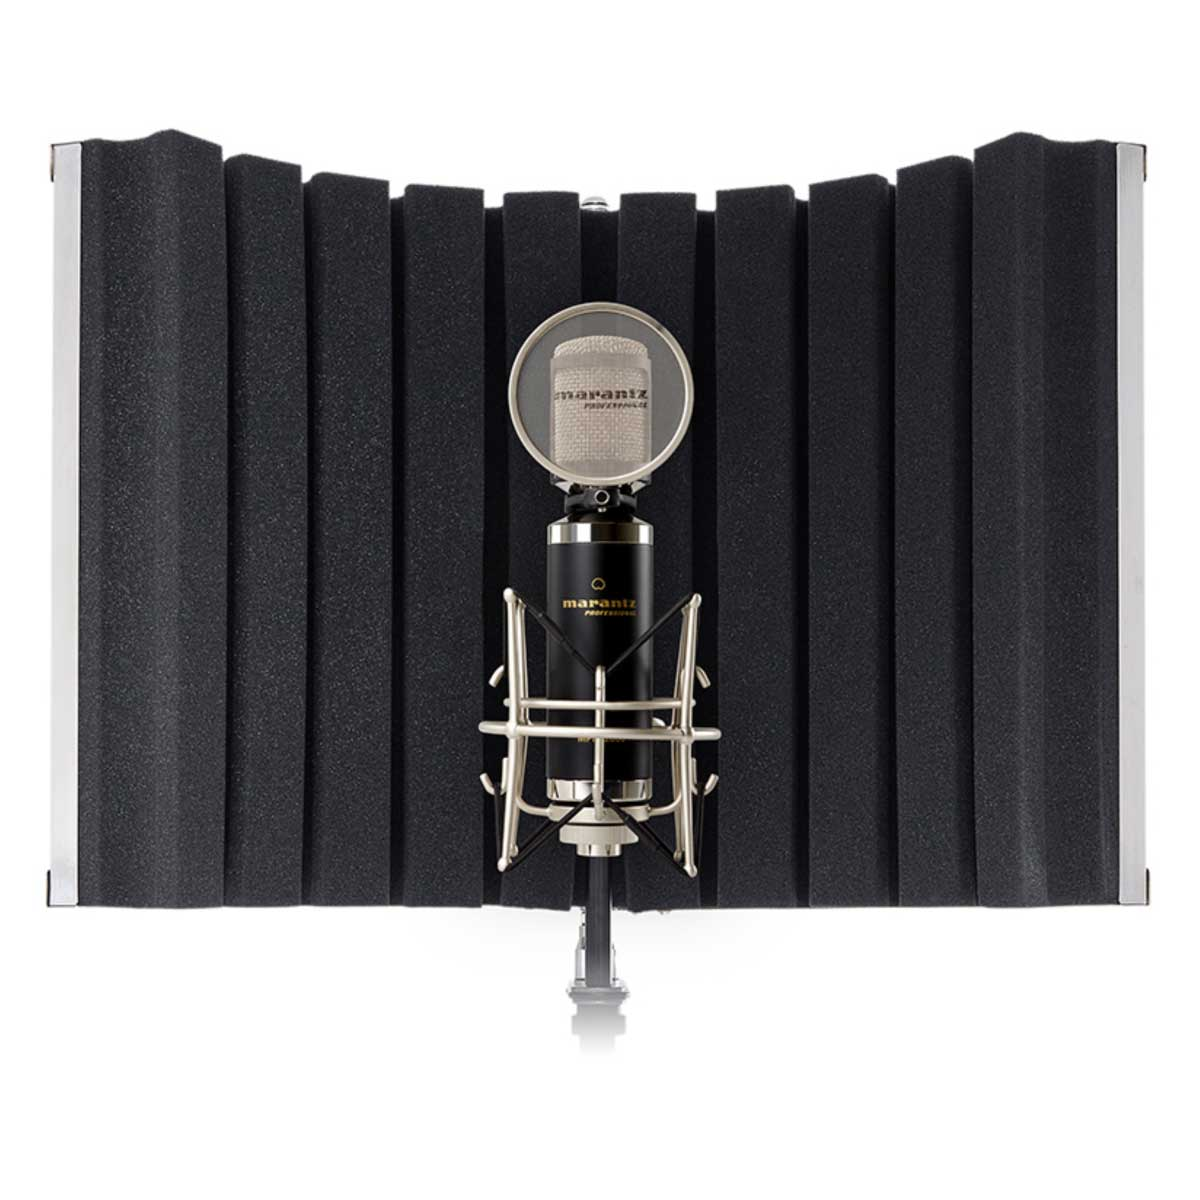 marantz Professional マランツプロフェッショナル / SOUND SHIELD COMPACT レコーディング用リフレクションフィルター【お取り寄せ商品】